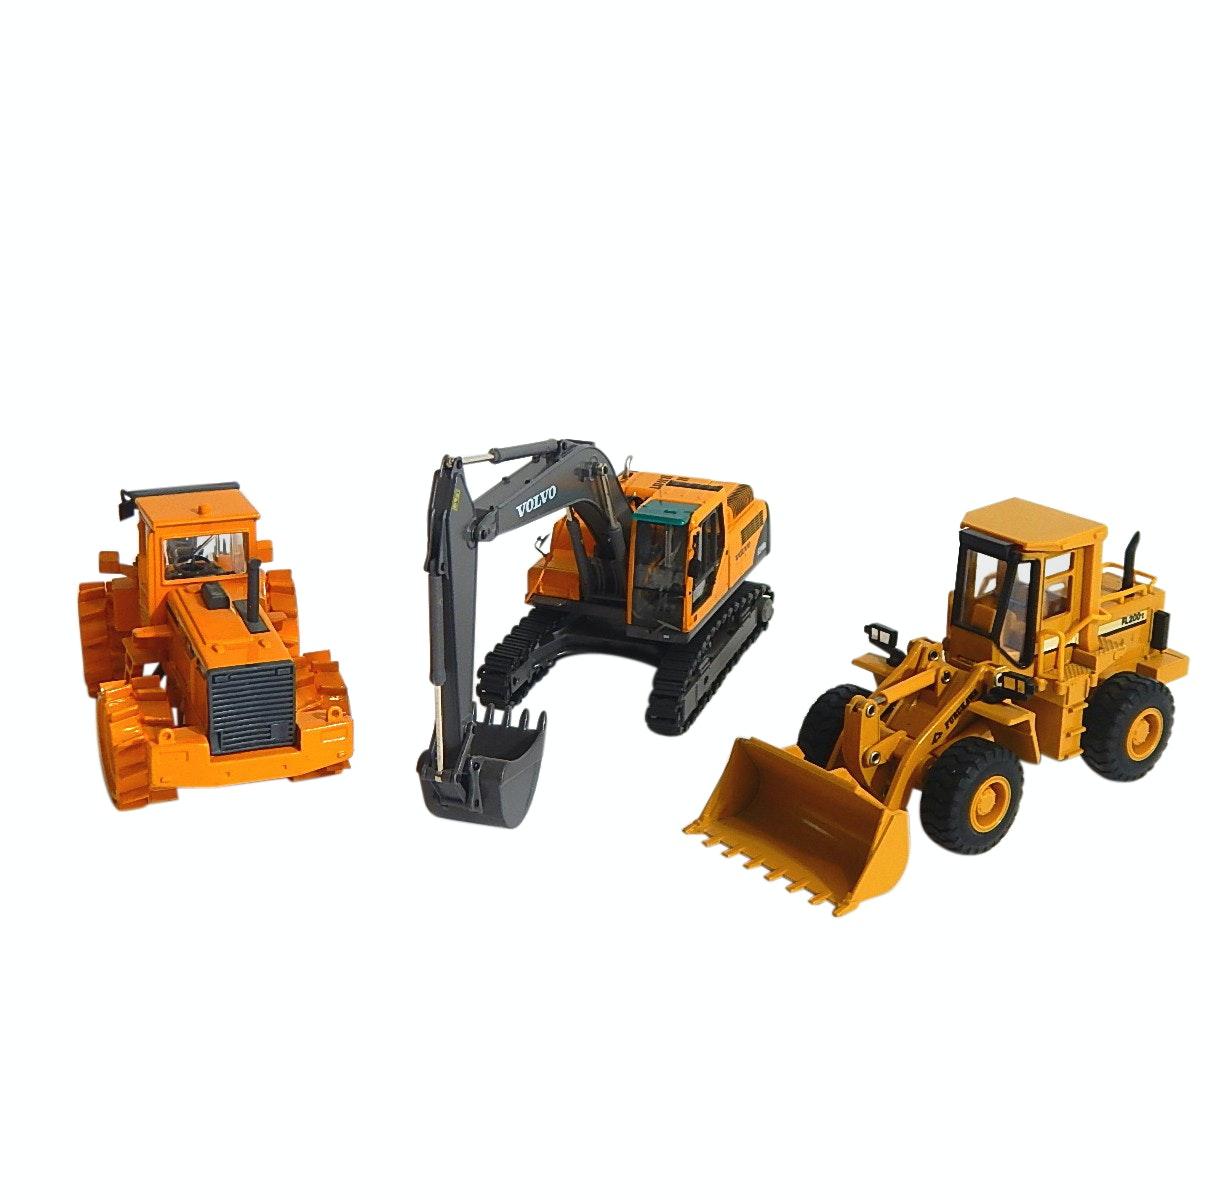 Three Die Cast Vehicles with Volvo Wheel Loader, Excavator,Furukawa Wheel Loader